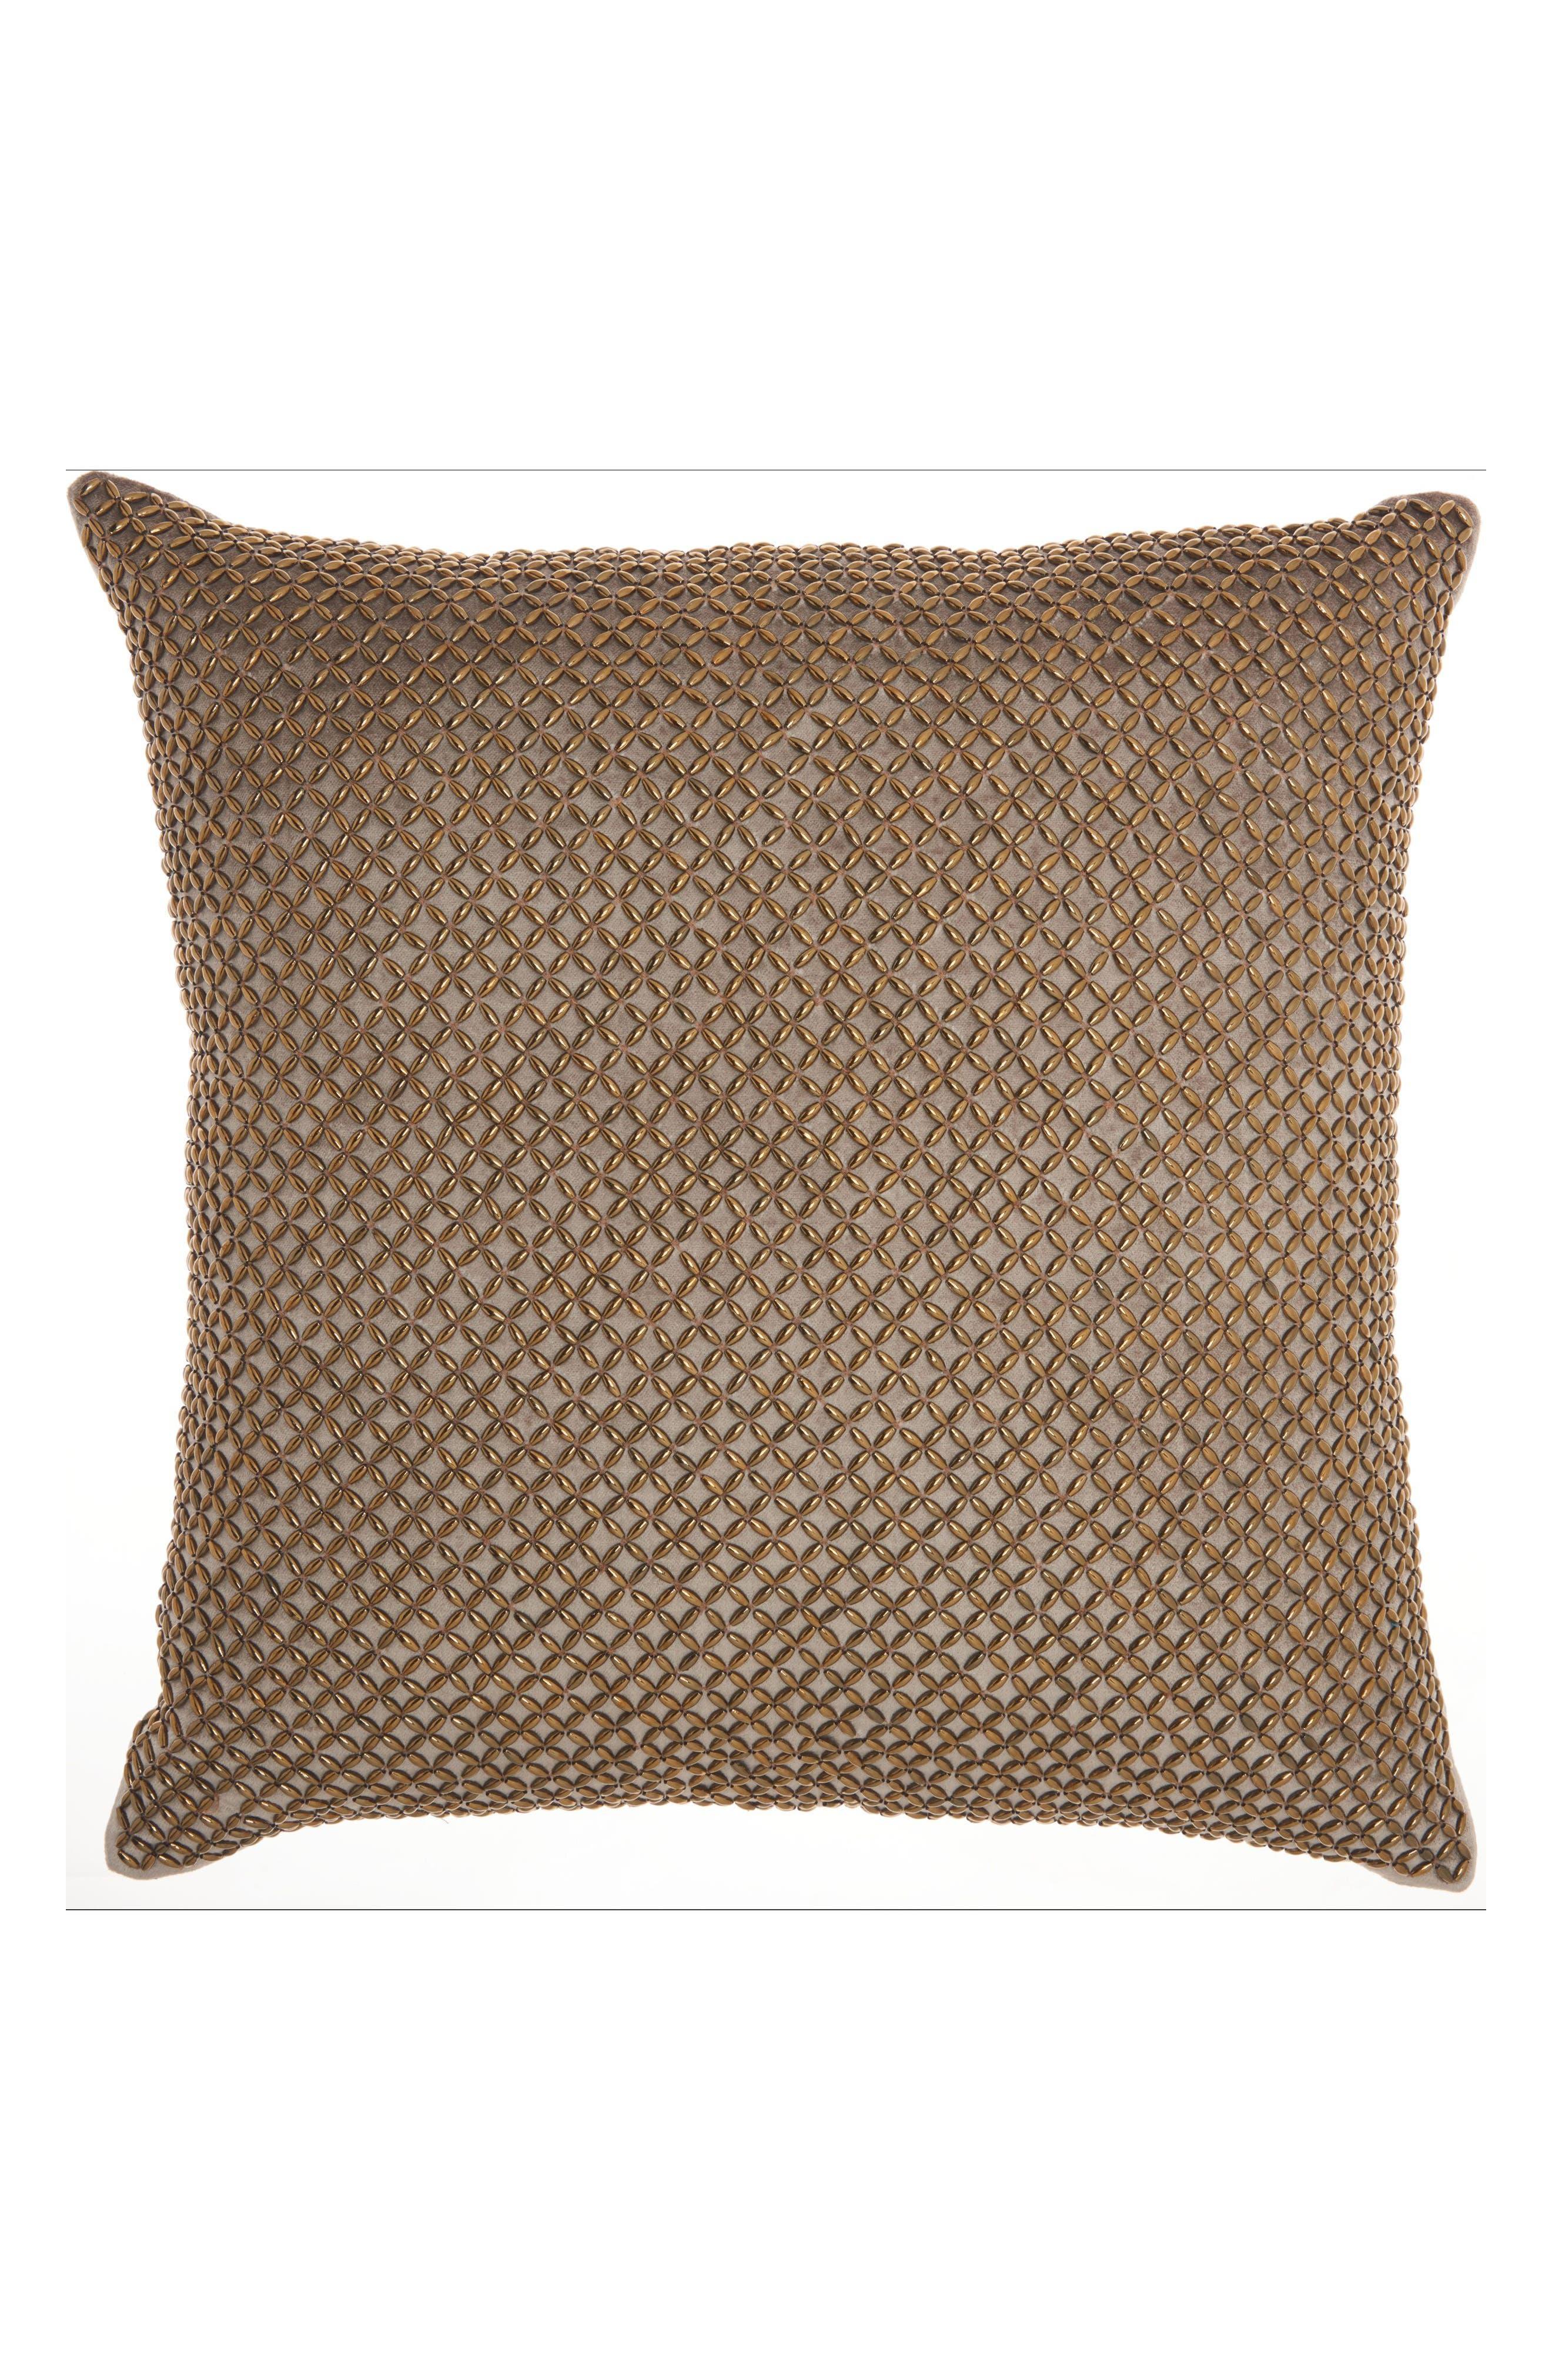 Cobble Jewel Accent Pillow,                         Main,                         color, 280